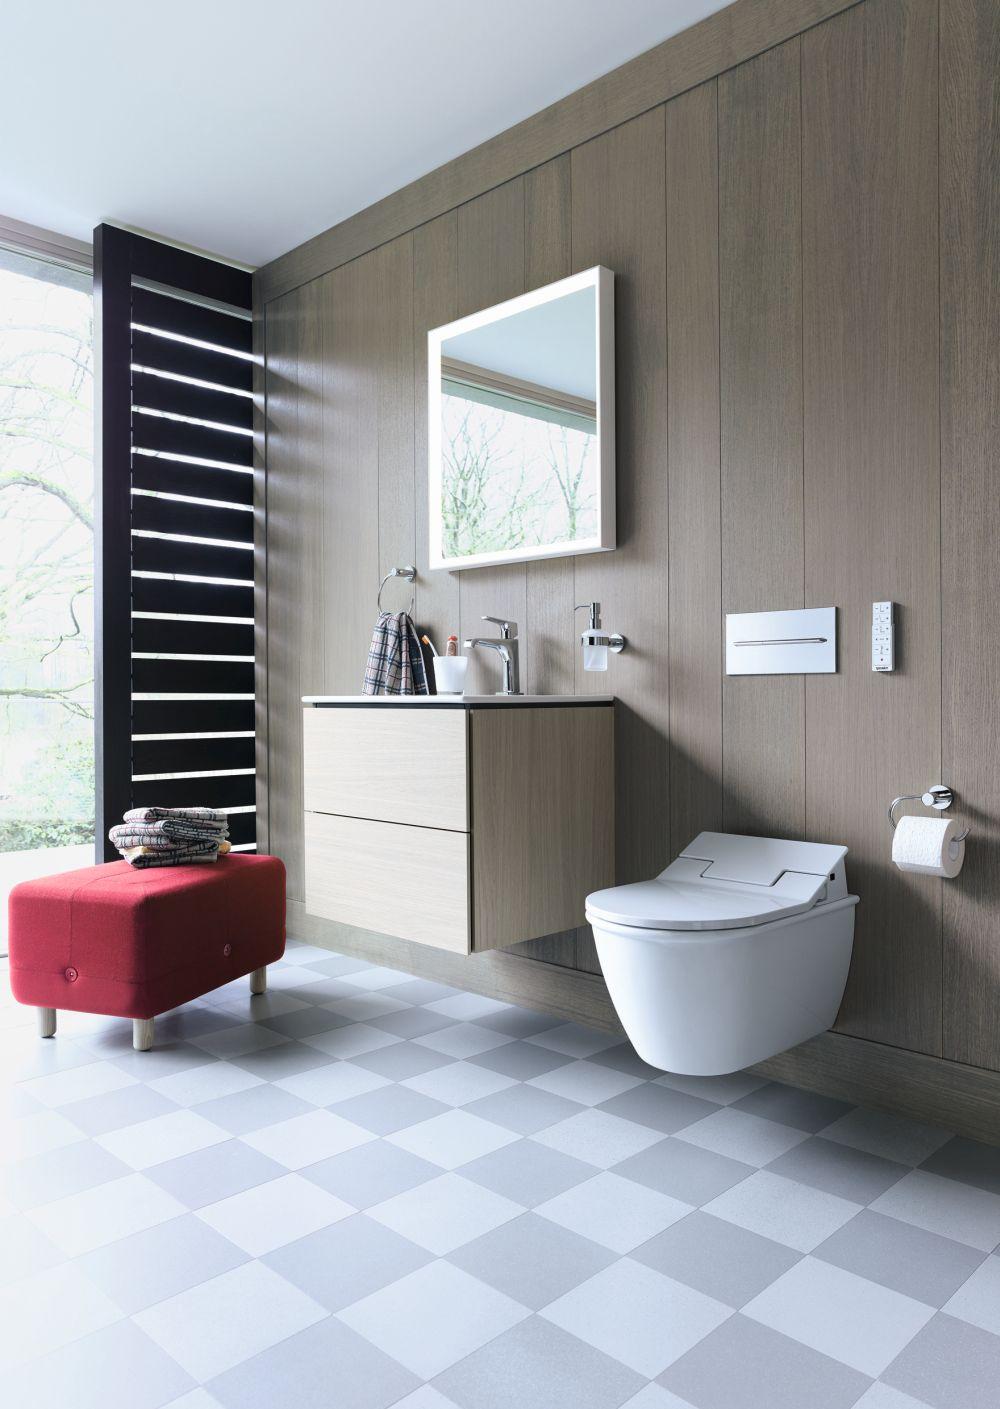 łazienka Jakie Rozwiązanie Zamiast Płytek Pozytywne